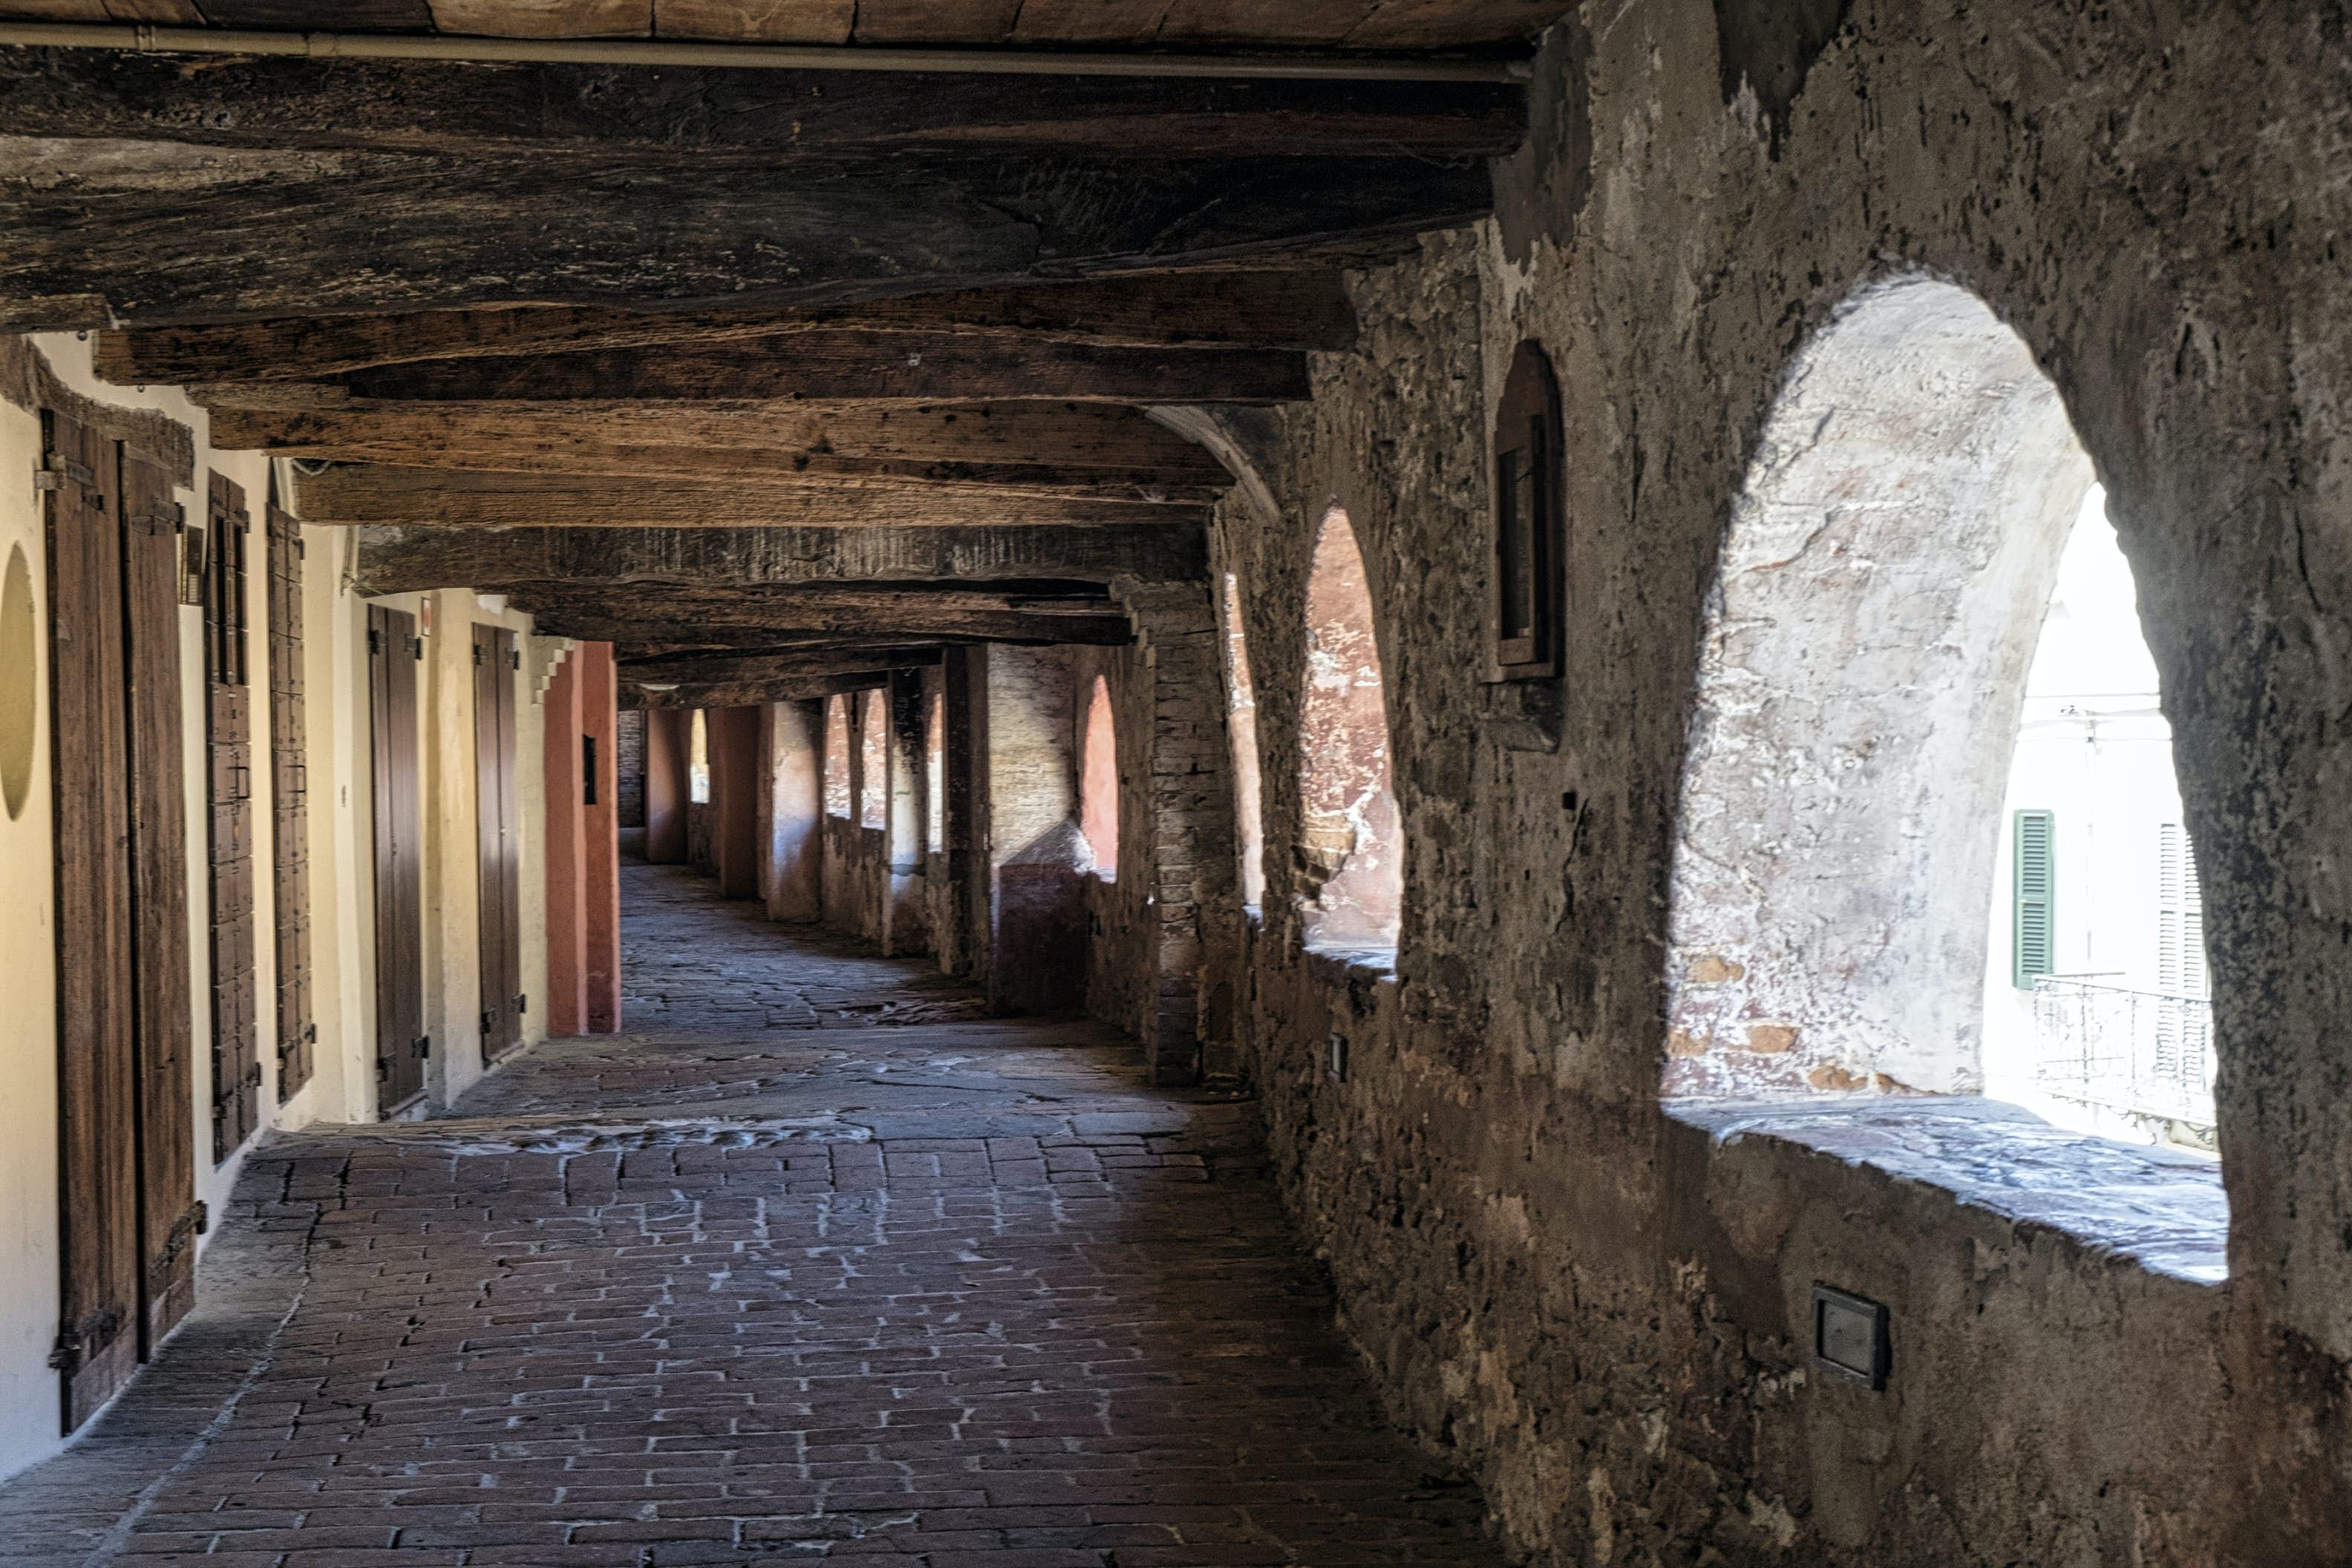 Brisighella One Of The Most Beautiful Villages In Italy Travel Emilia Romagna Travel Emilia Romagna